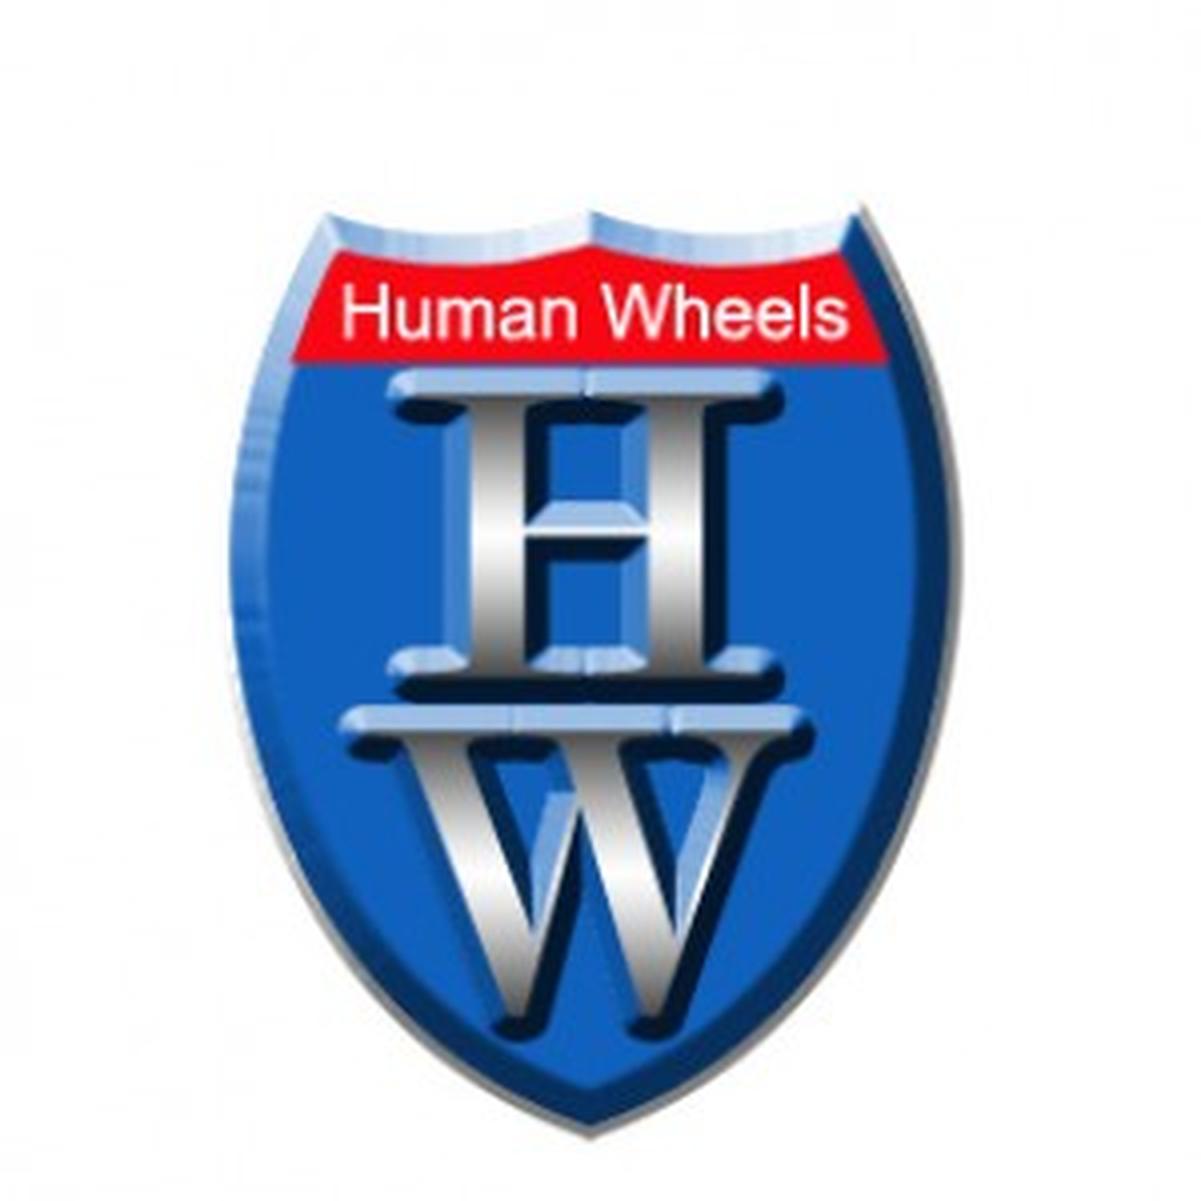 Human Wheels